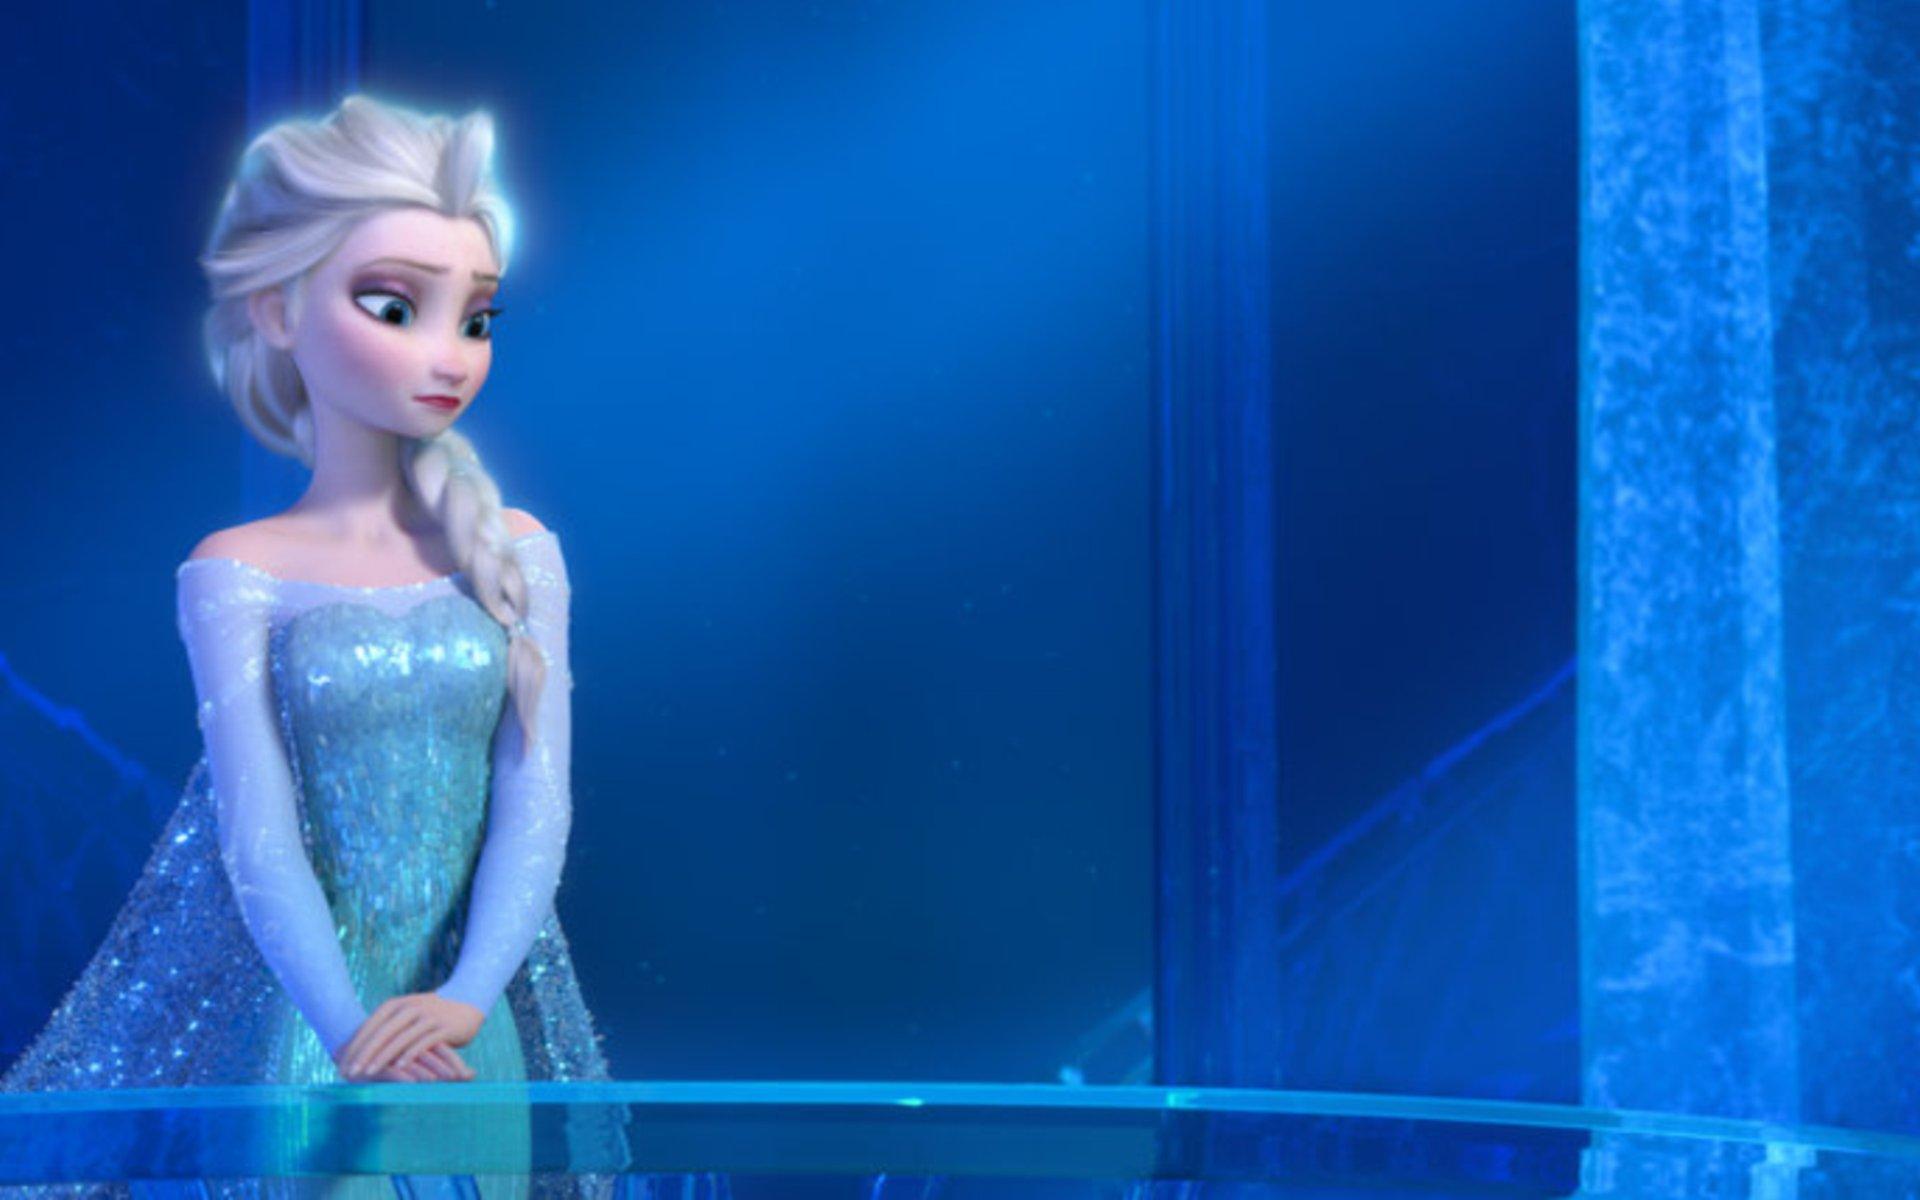 Frozen Elsa Snow Queen Wallpaper Frozen Games For Kids 1920x1200